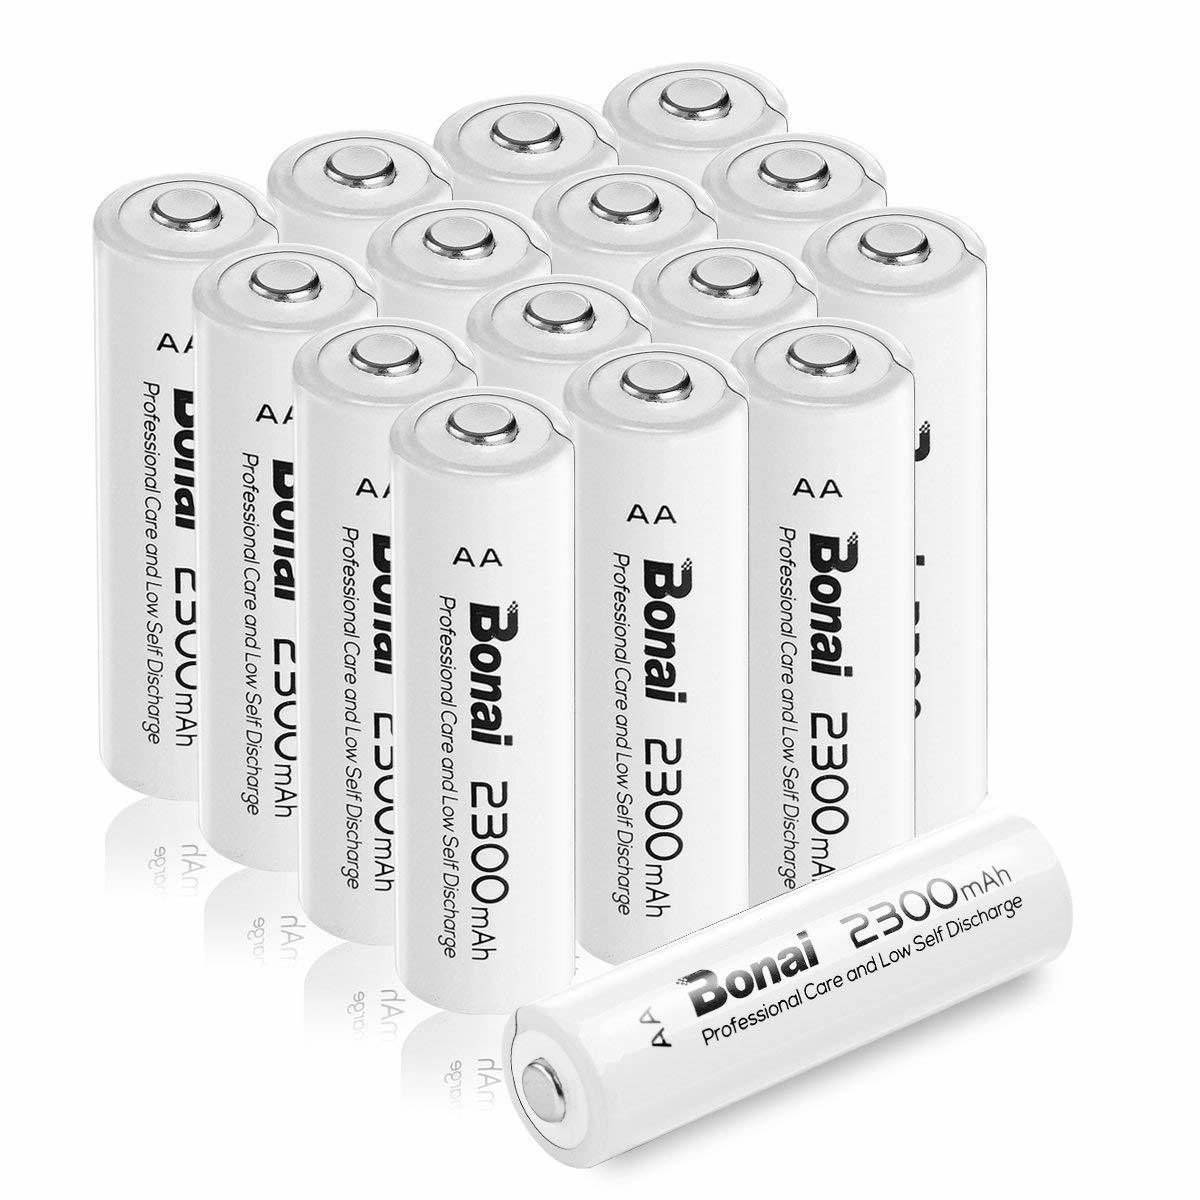 [新品/送料無料] Bonai 単3形 充電池 充電式ニッケル水素電池 16個パック PSE/CEマーキング取得 UL認証済(高容量2300mAh 約1200回使用可)_画像1